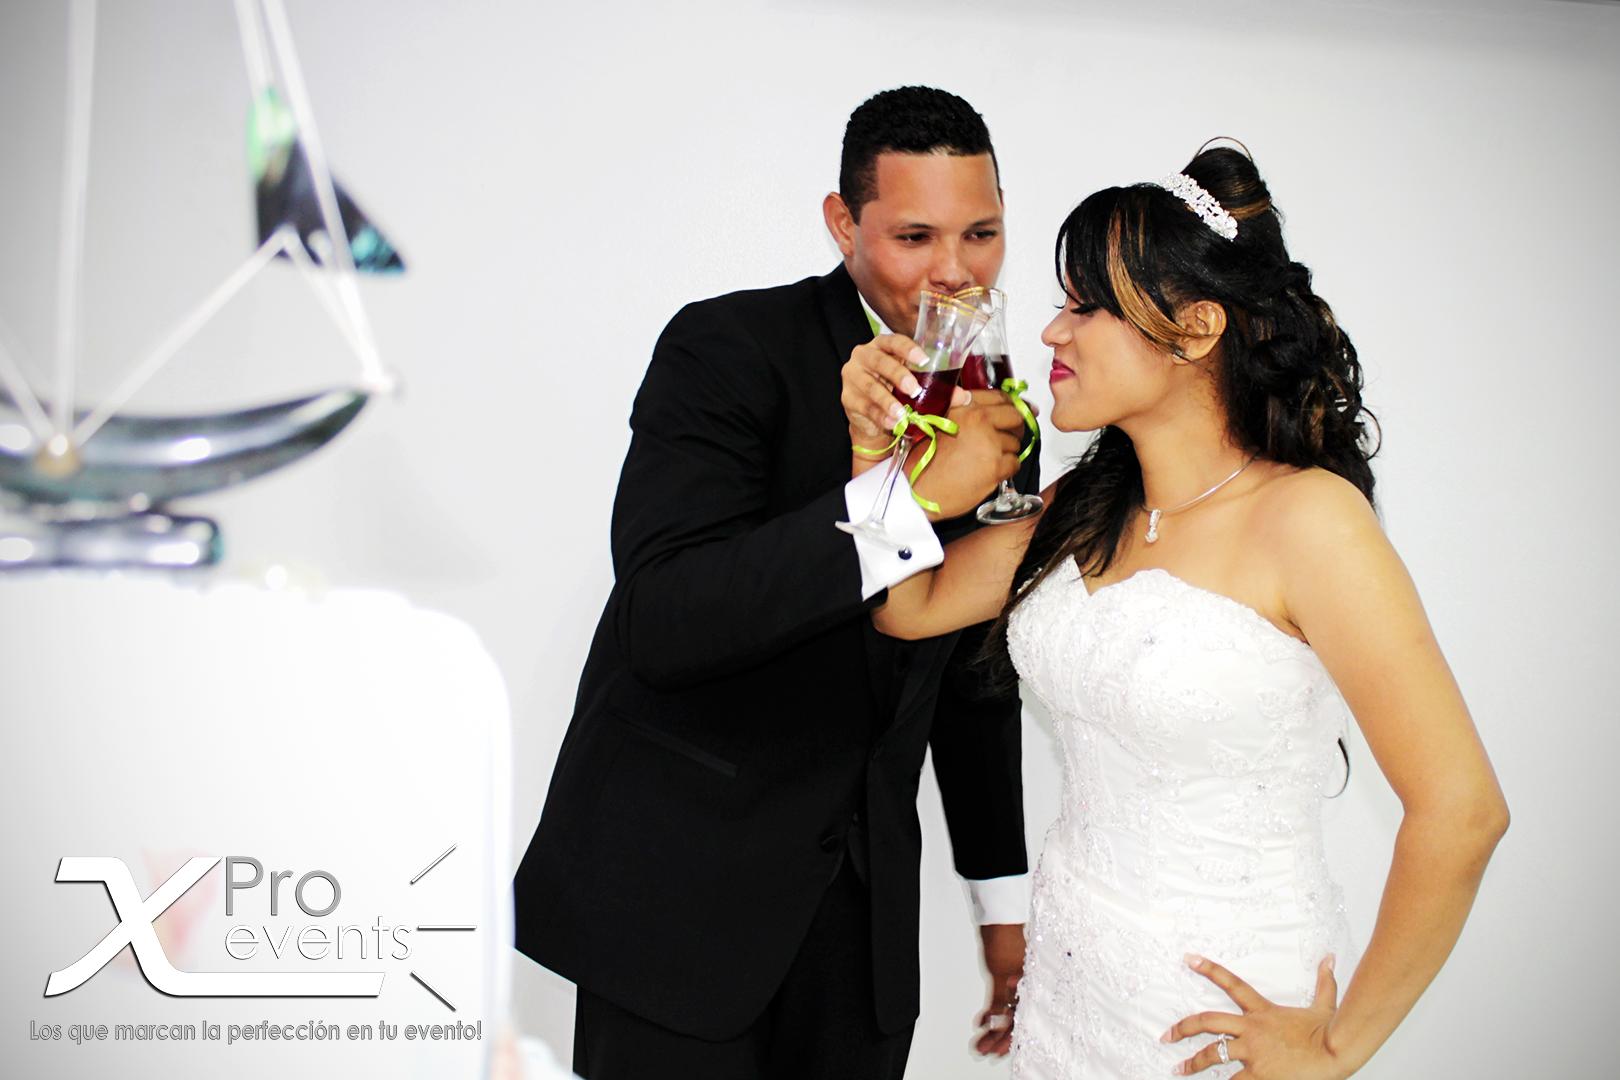 www.Xproevents.com - Servicio de fotografia profesional para eventos (3).png